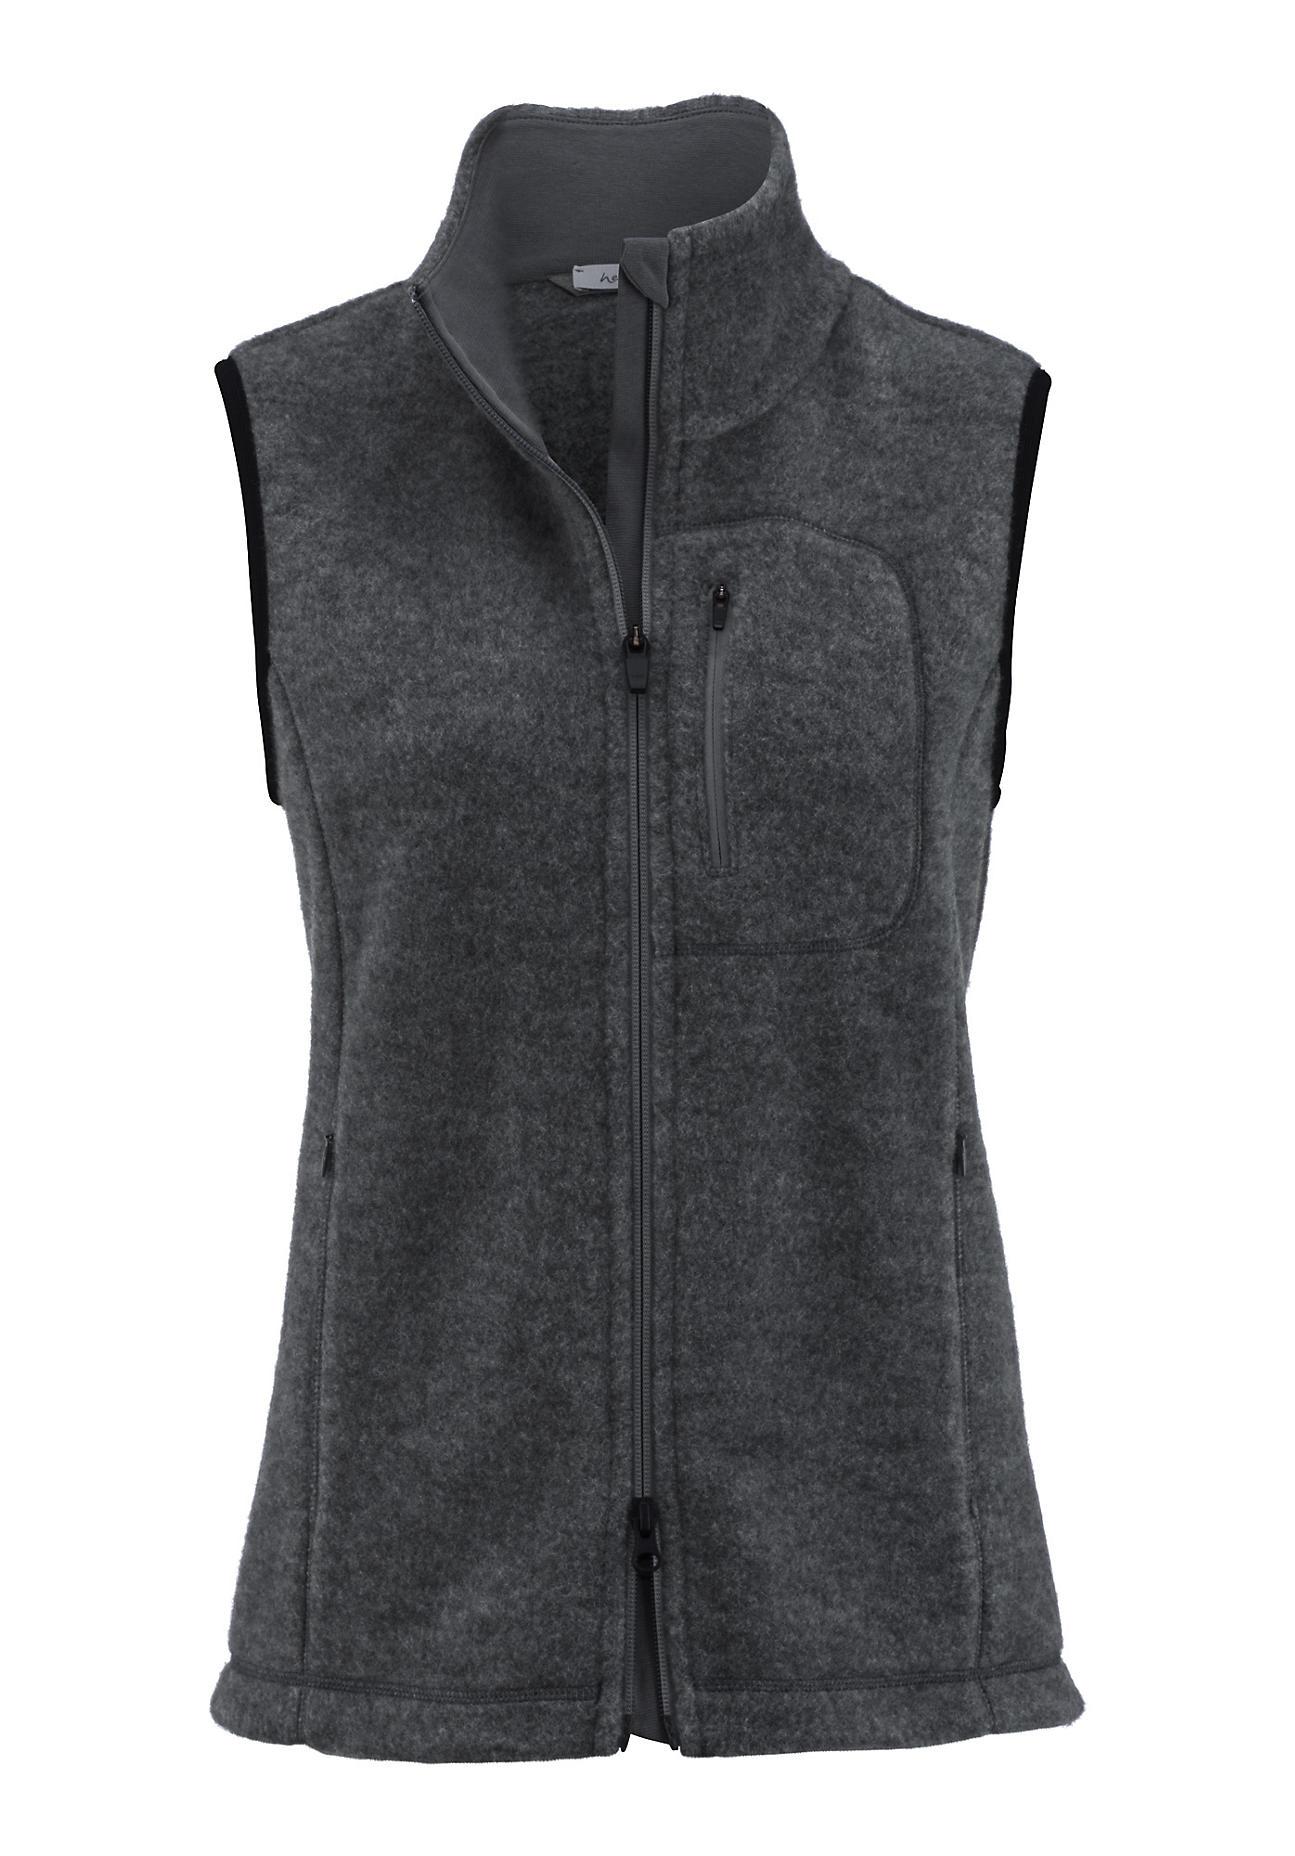 hessnatur Outdoor Damen Wollfleece Weste aus Schurwolle – grau – Größe 42 | Sportbekleidung > Sportwesten > Outdoorwesten | Anthrazit | Schurwolle - Jersey | hessnatur